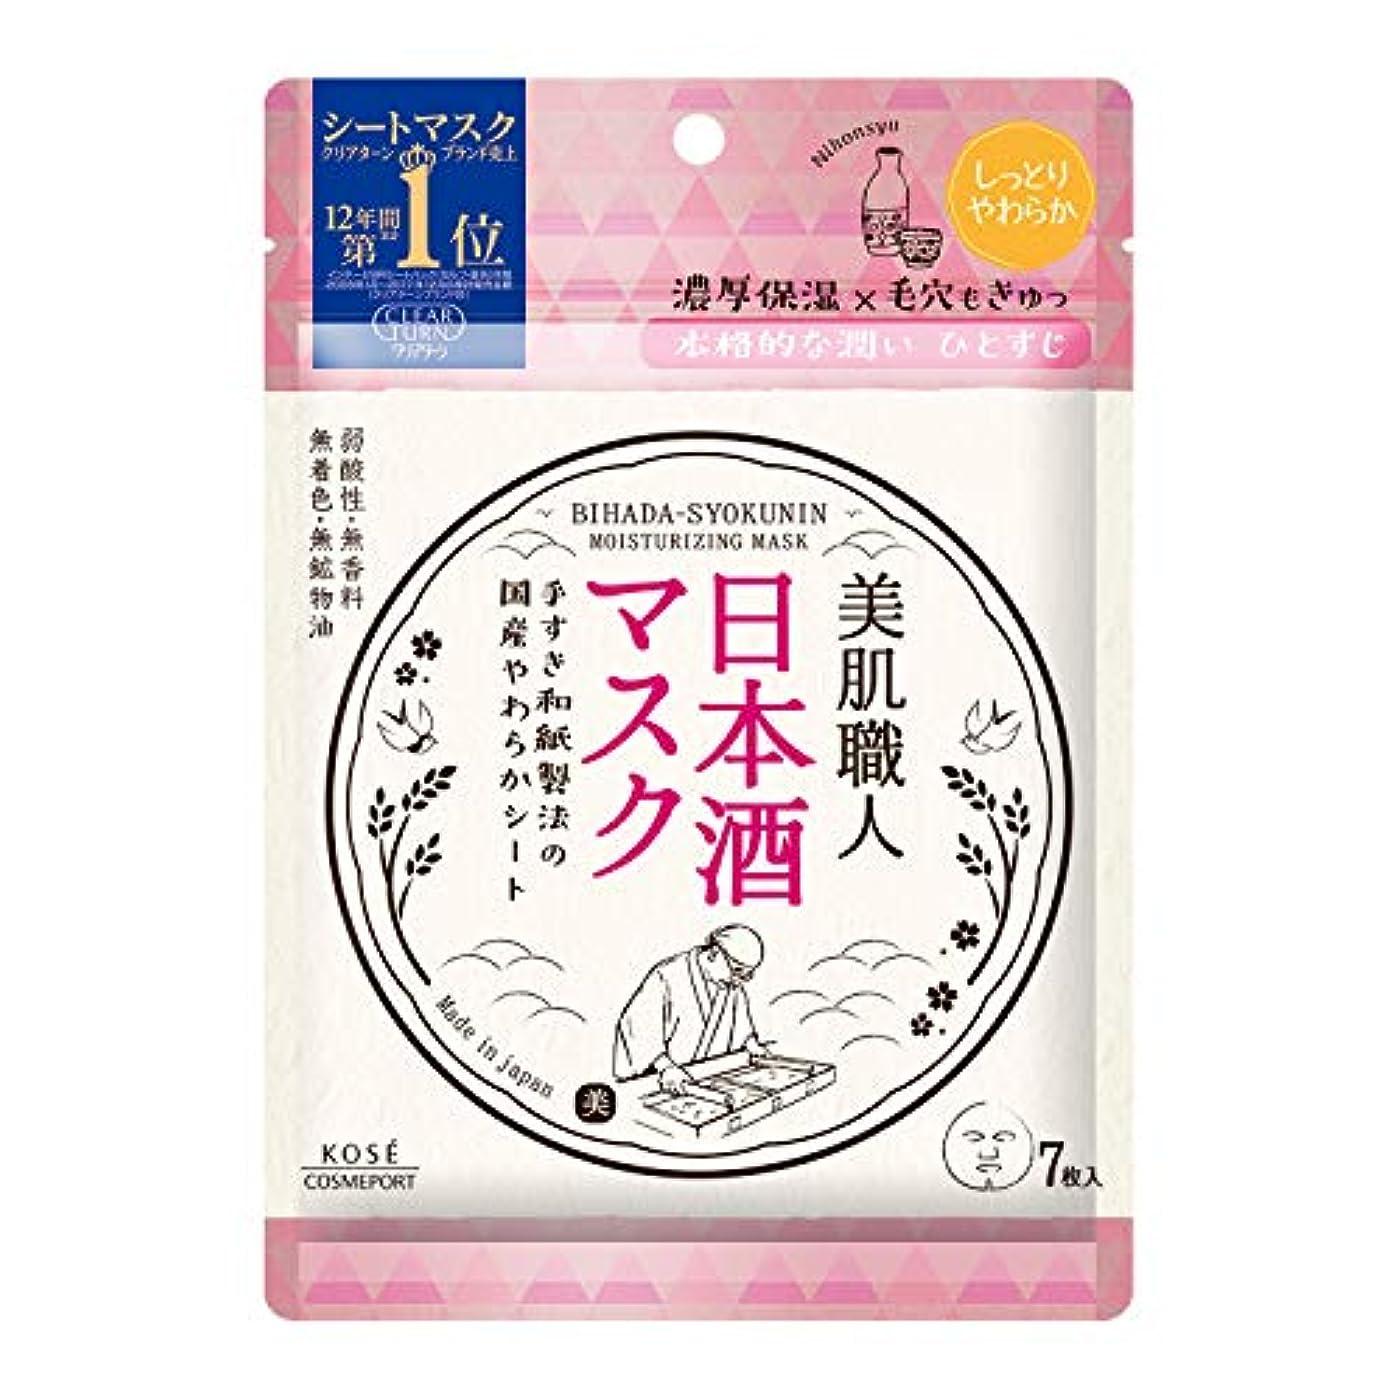 ノート相互摂氏KOSE コーセー クリアターン 美肌職人 日本酒 マスク 7枚 フェイスマスク